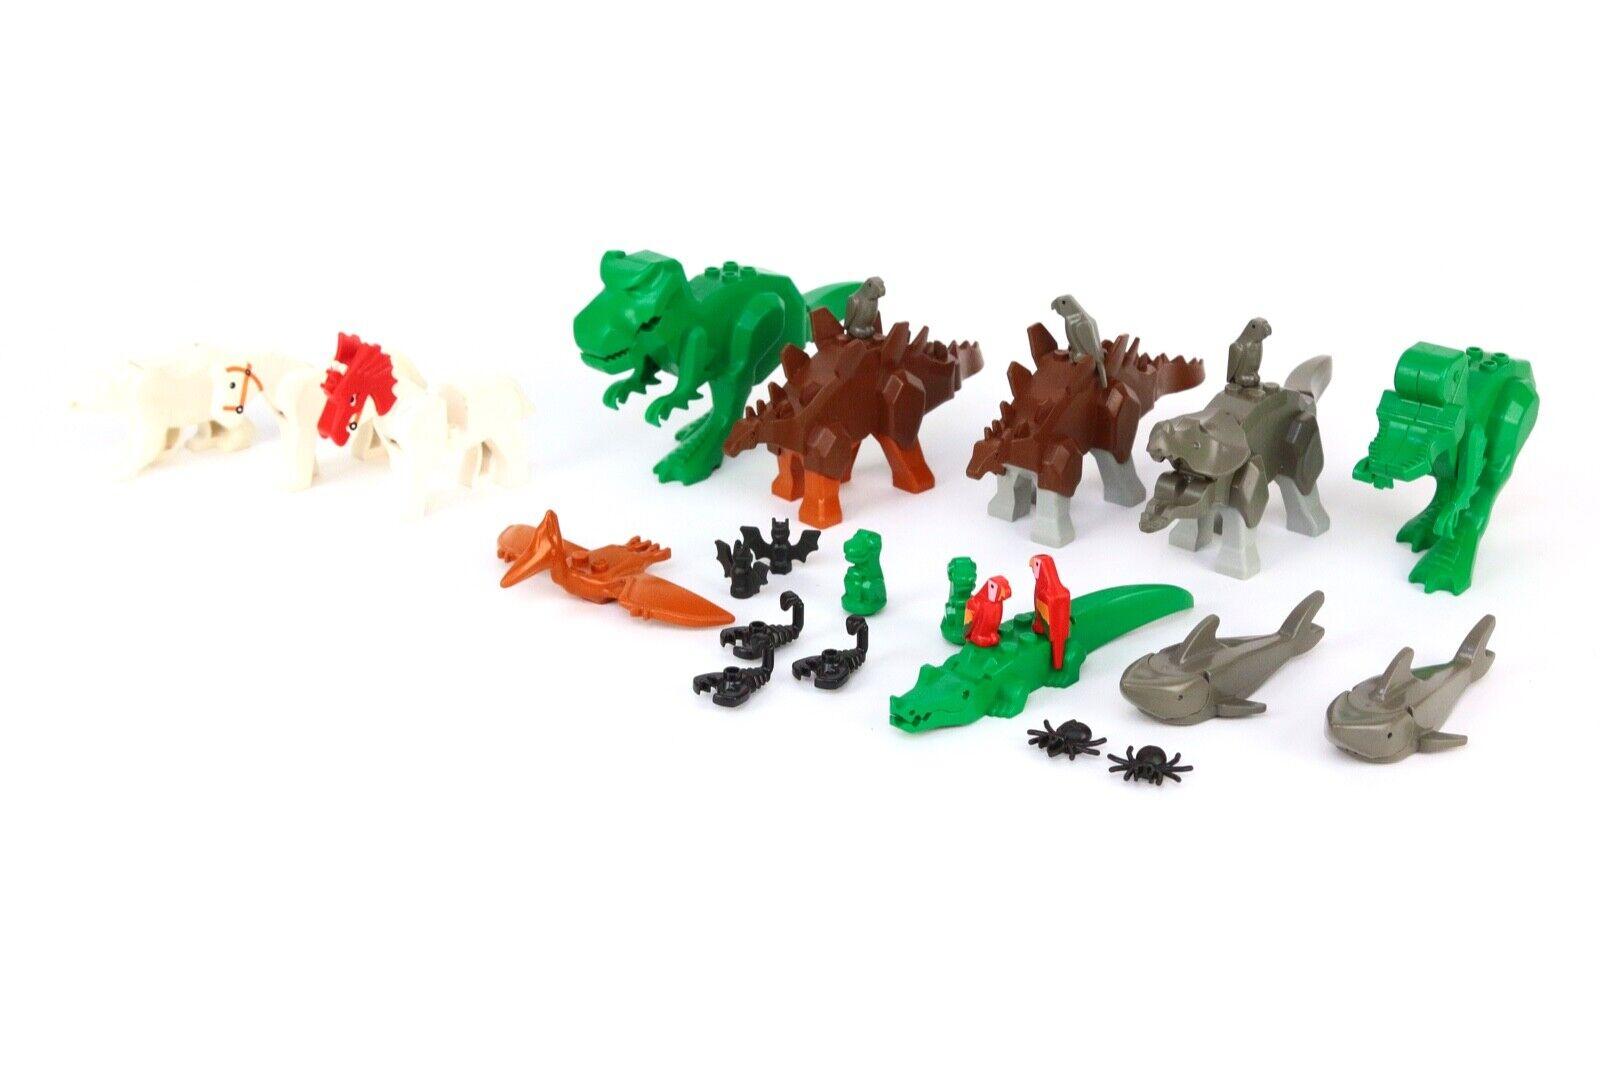 Lego djur massa av 26 Dinosauri  Parröd   Shark   häst   Alligator Polar Bear